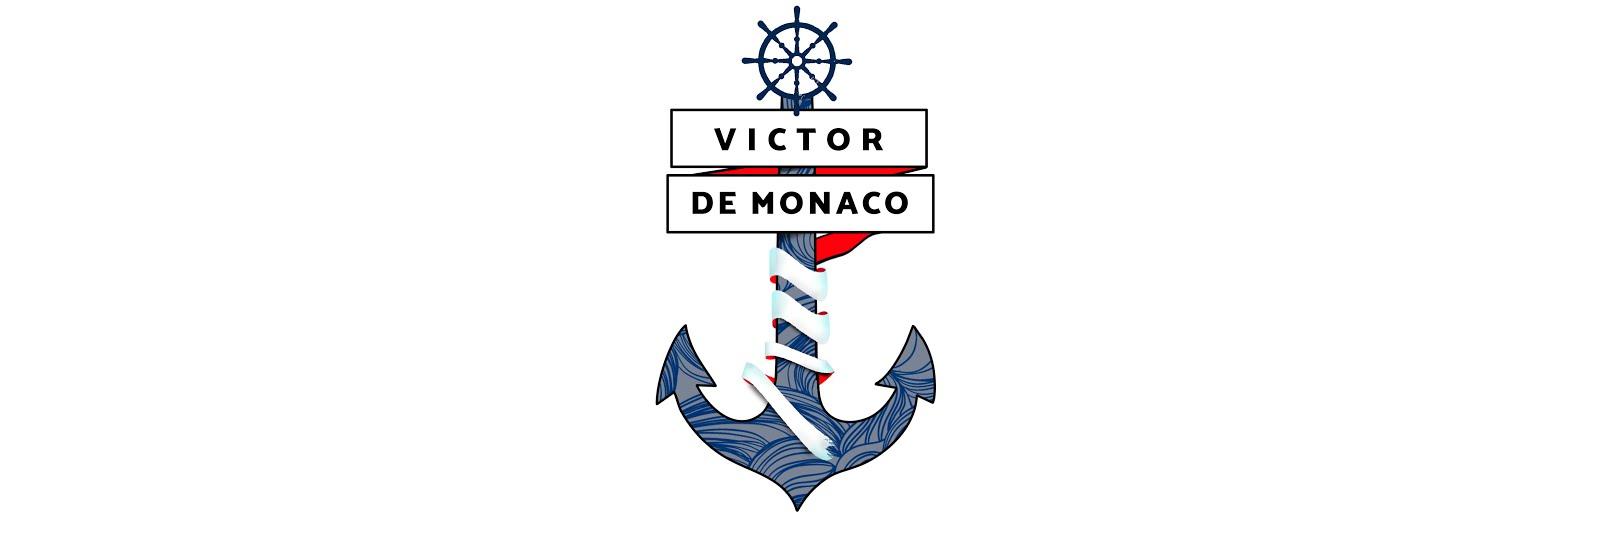 Victor de Monaco